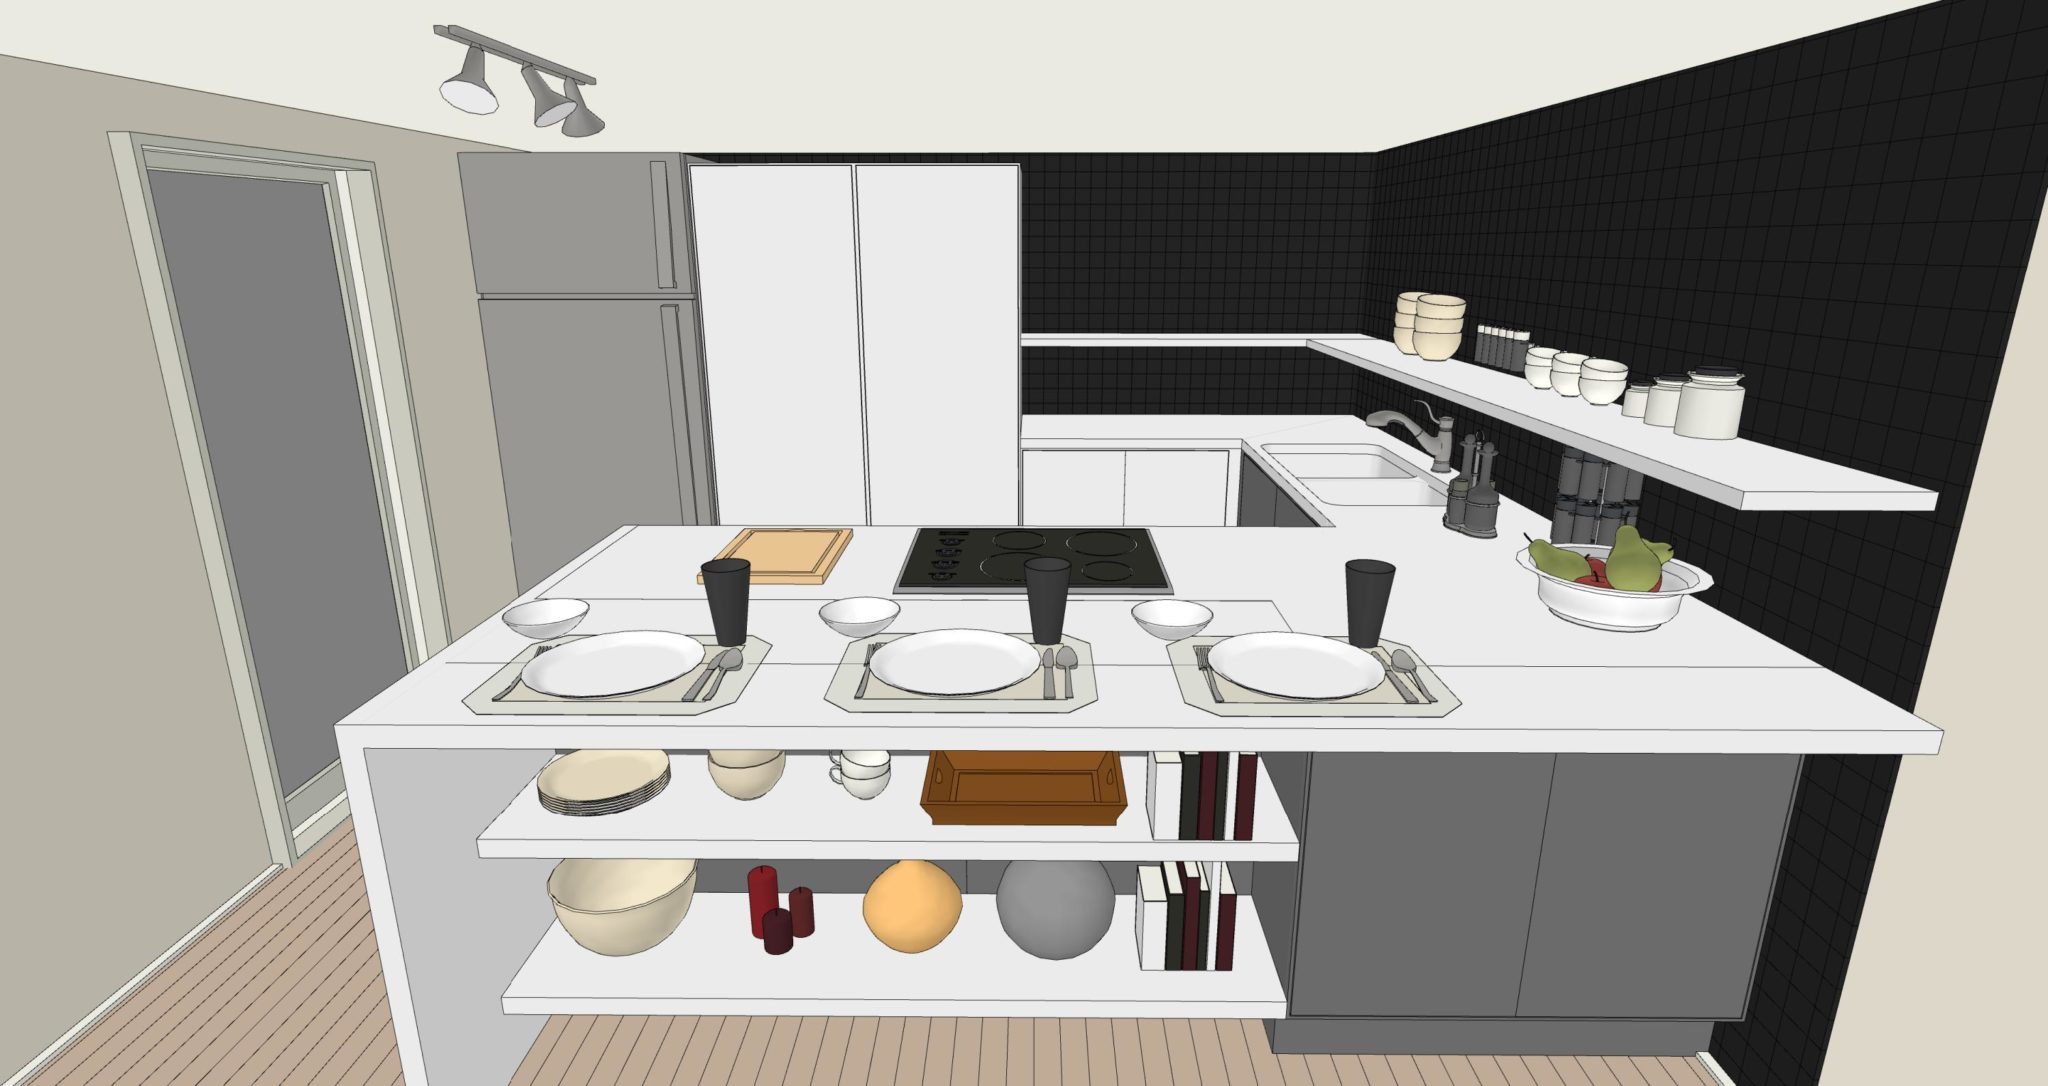 Altezza pensili cucina da top : altezza piano cucina da terra ...